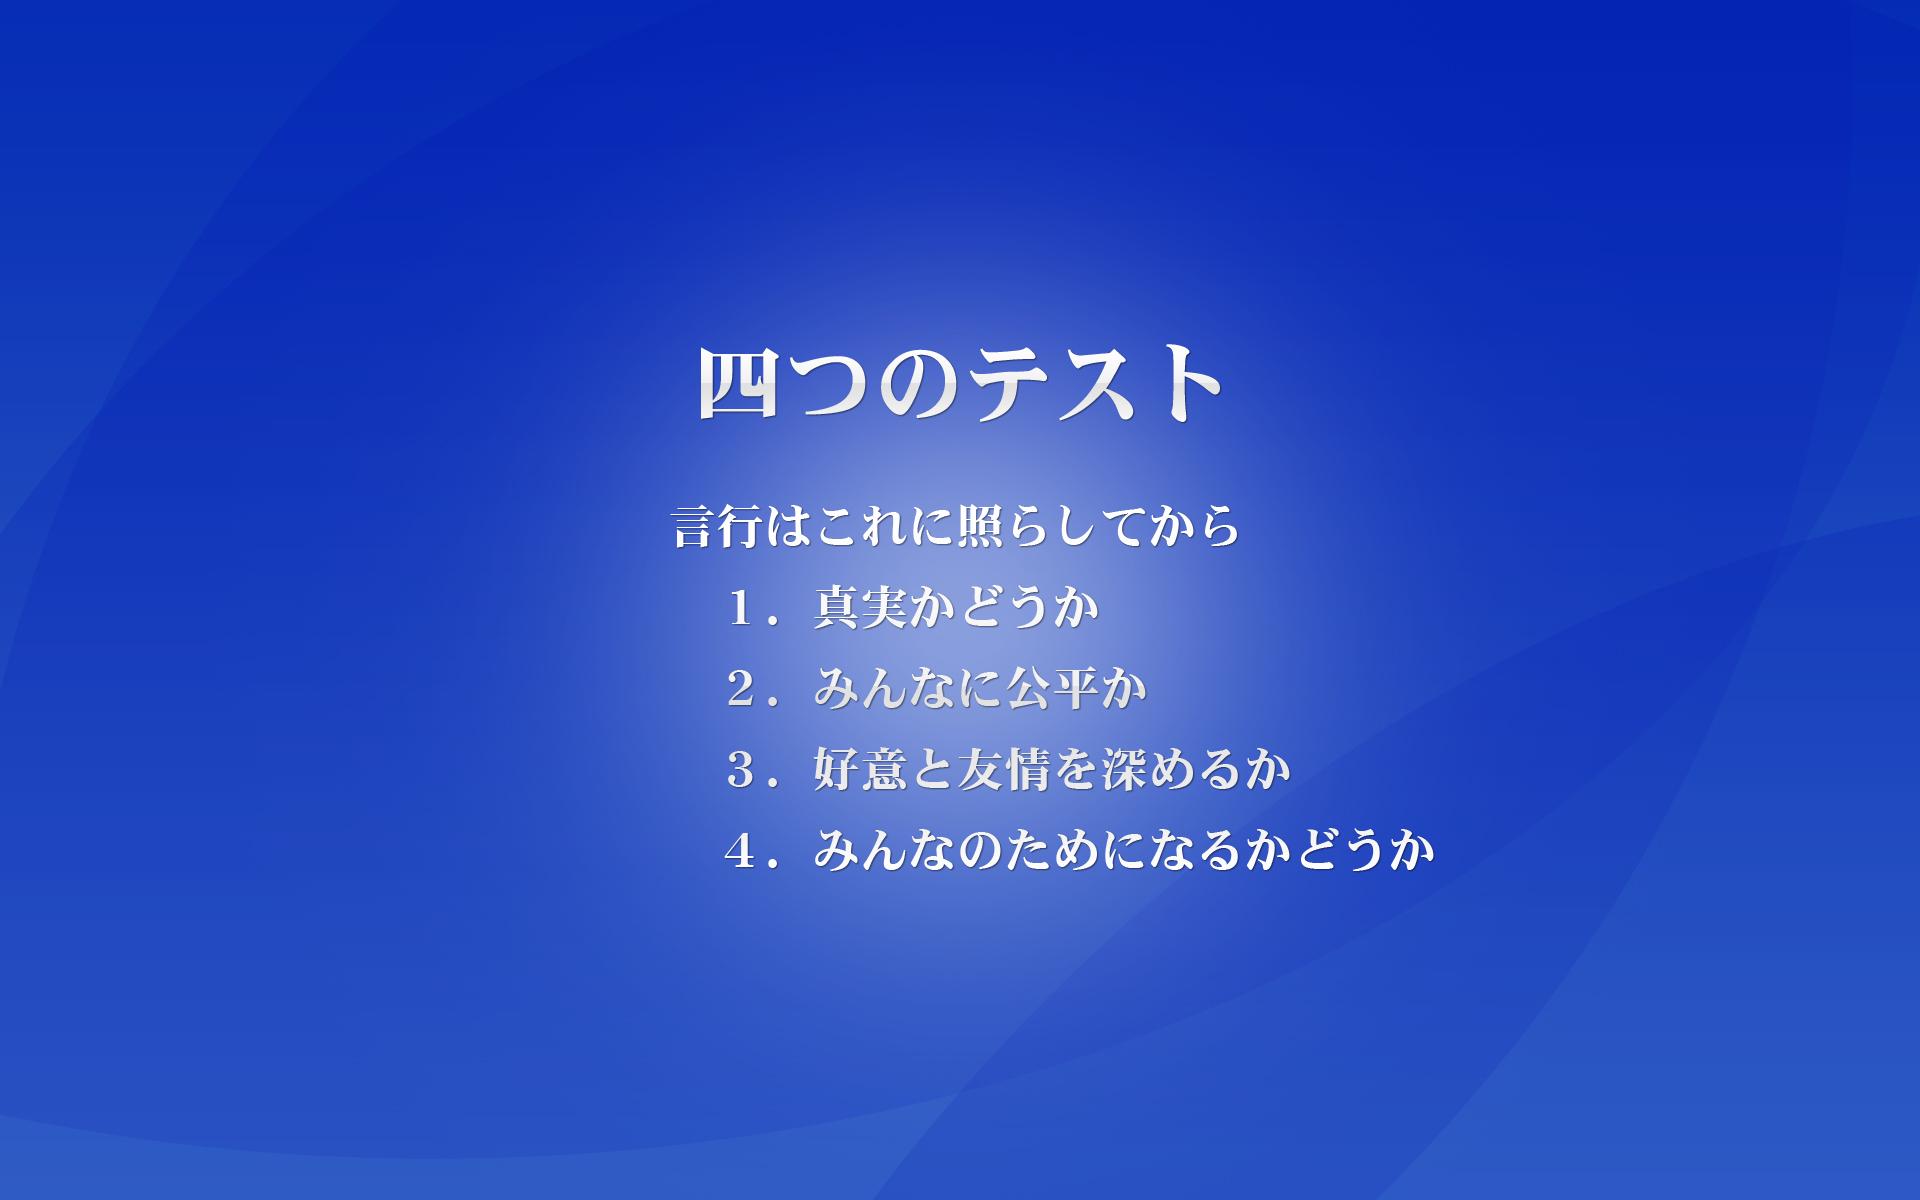 四つのテスト壁紙 福島グローバルロータリークラブ